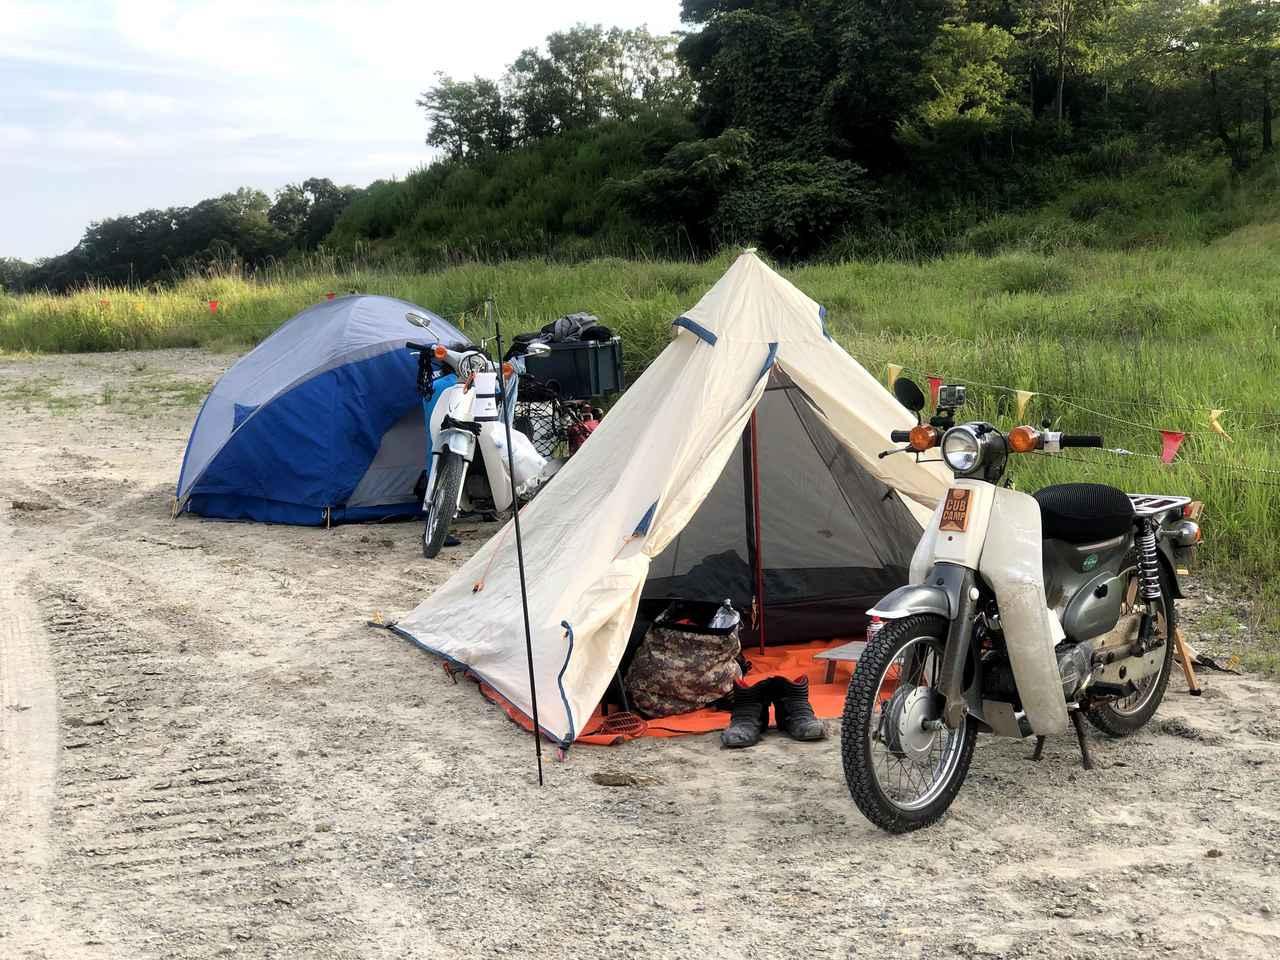 オフロードコースを走ってキャンプ。スーパーカブ90とスーパーカブ110で「びじばいぱにっくJAM1」に参加するのだ。背割堤を通るツーリング移動編〈若林浩志のスーパー・カブカブ・ダイアリーズ Vol.27〉